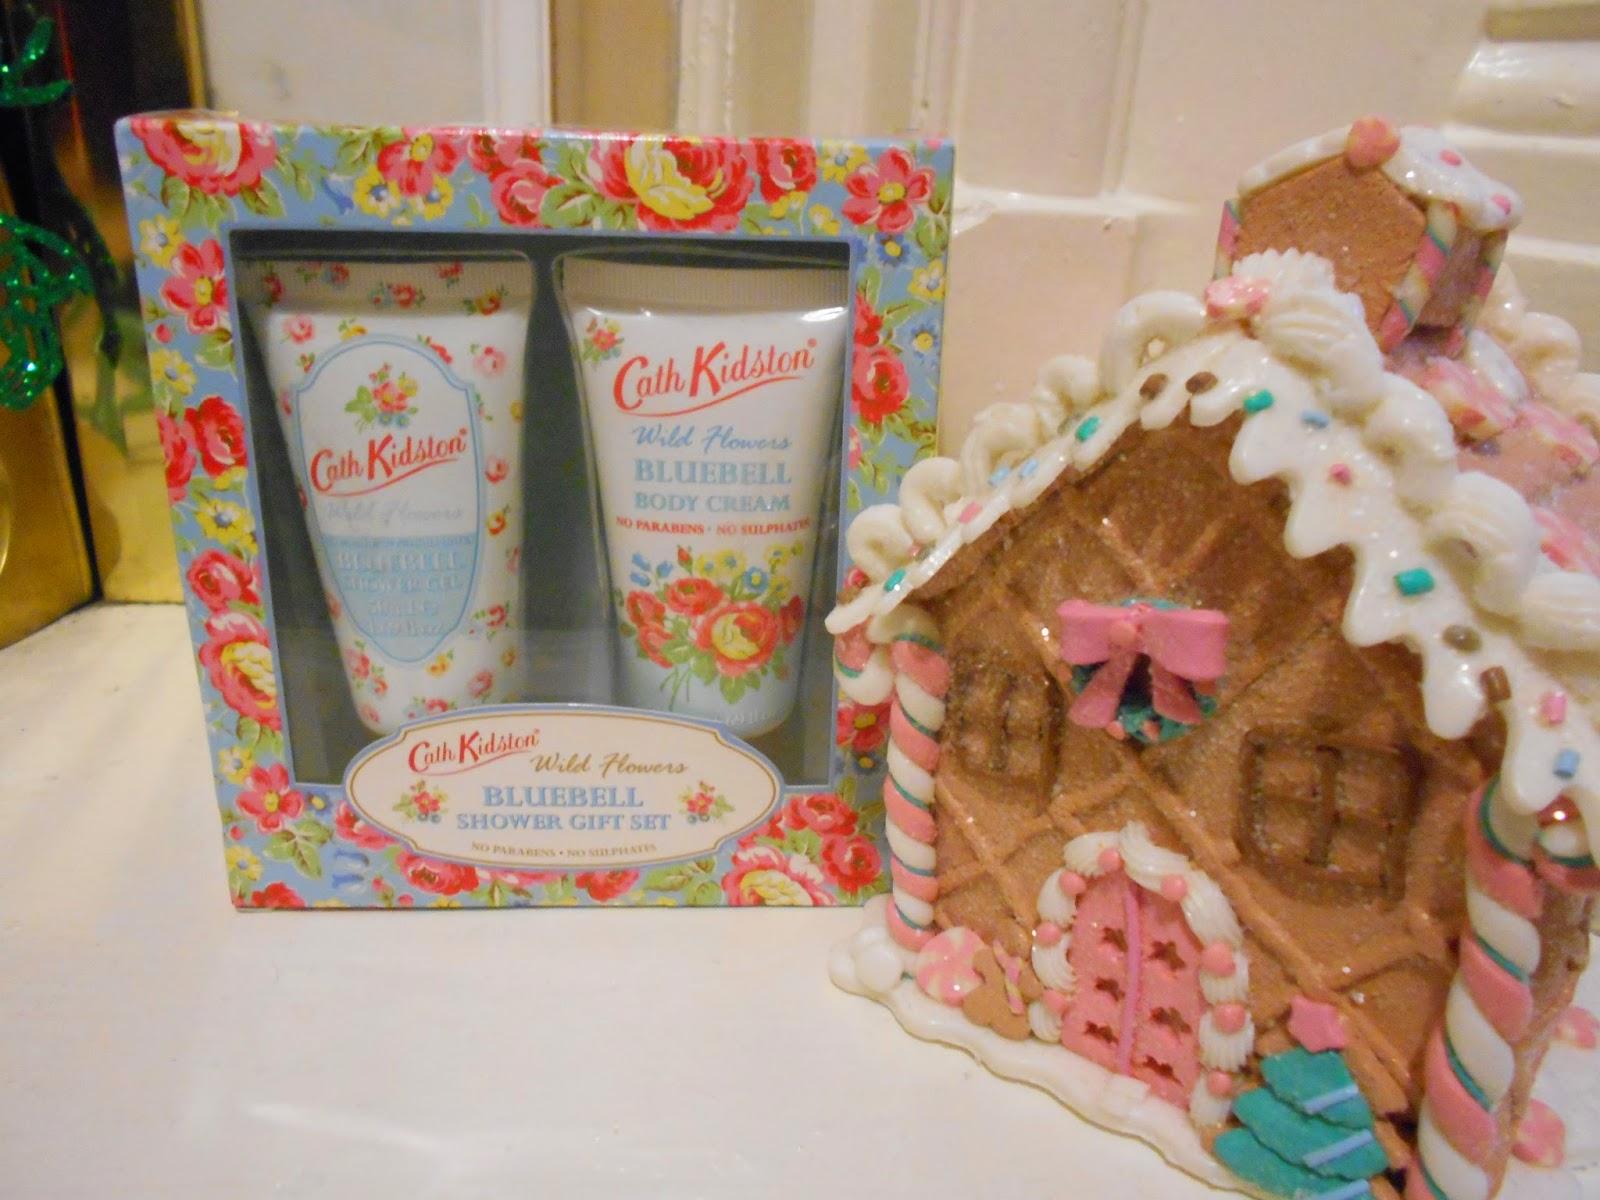 Cath Kidston Gift Set